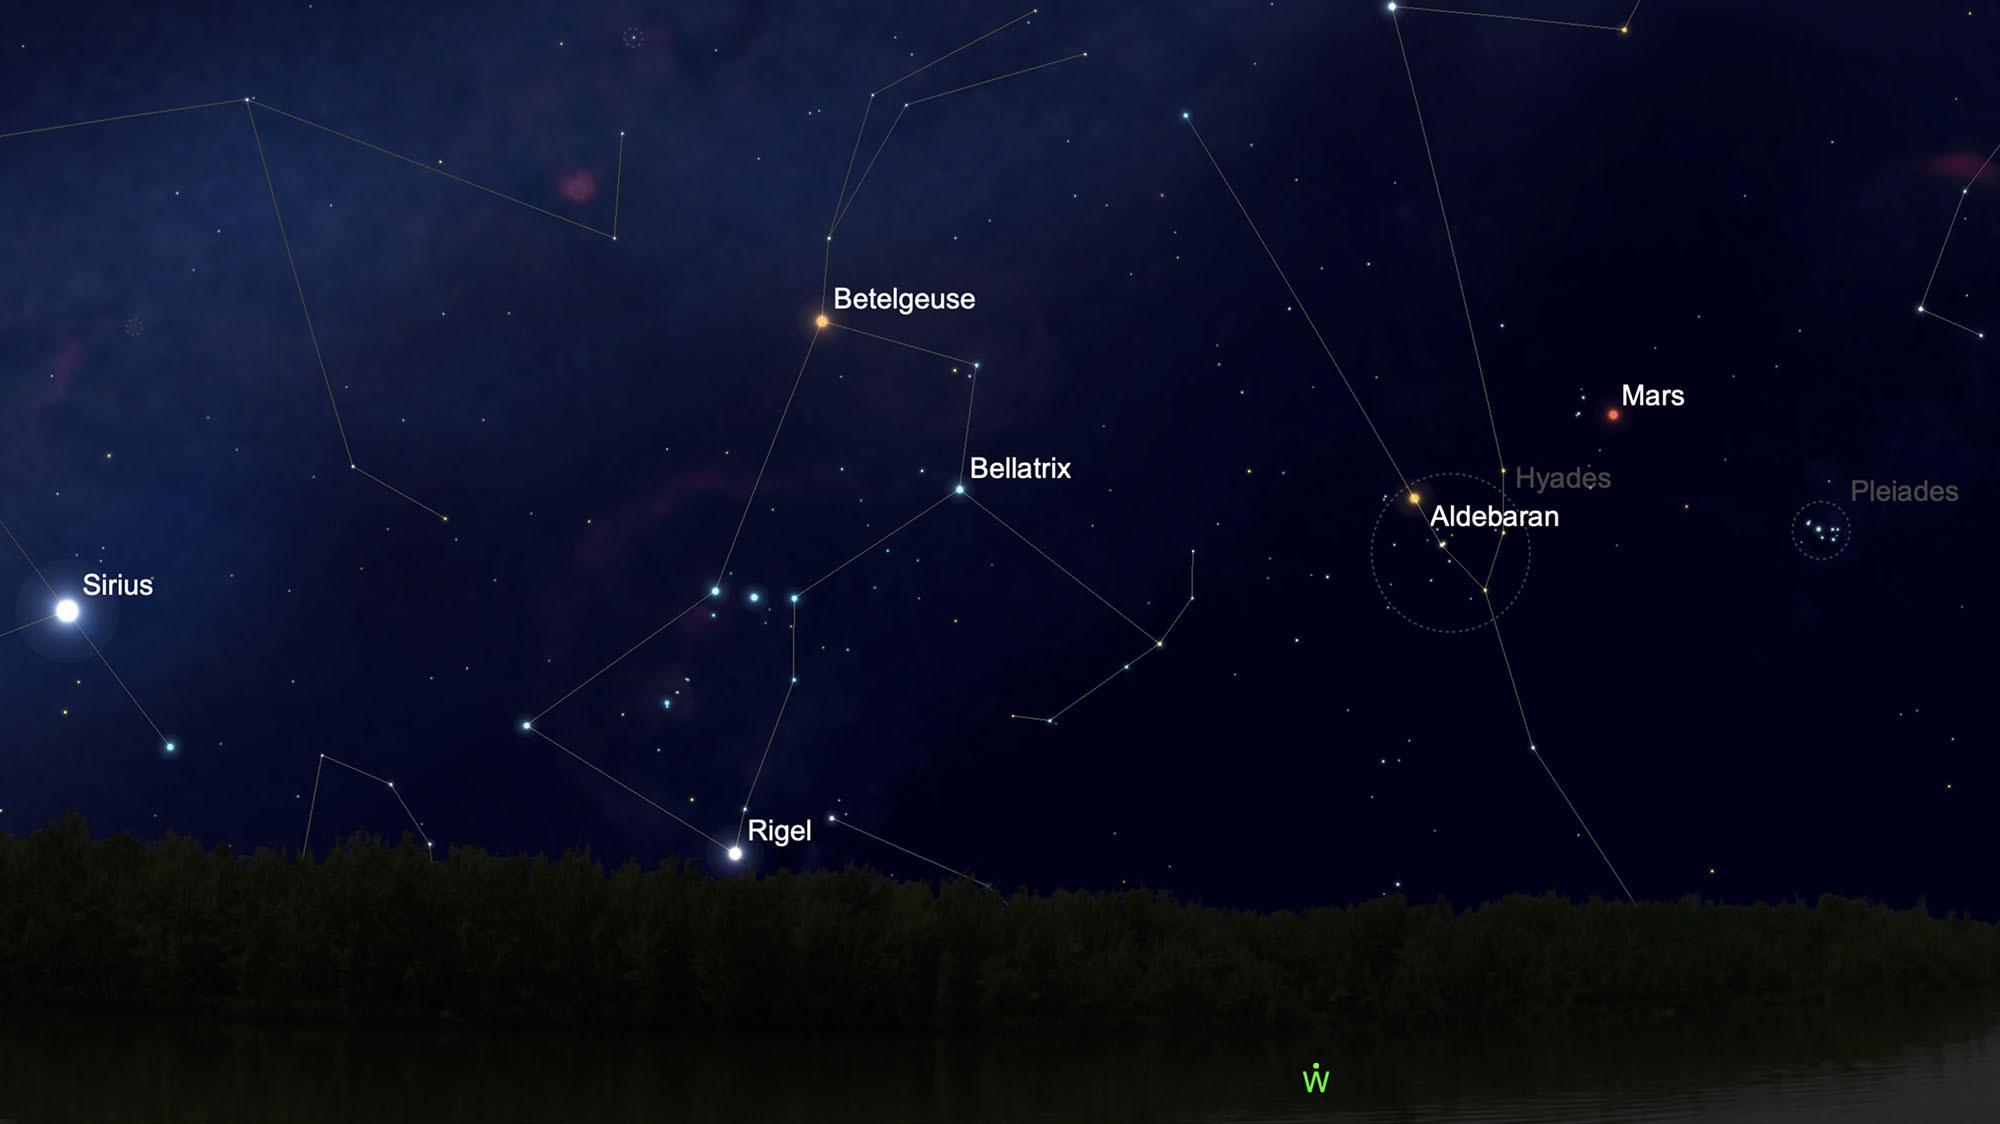 Cette carte du ciel montre où vous pouvez voir la constellation d'Orion, Mars et deux amas d'étoiles (les Pléiades et les Hyades) dans le ciel nocturne.